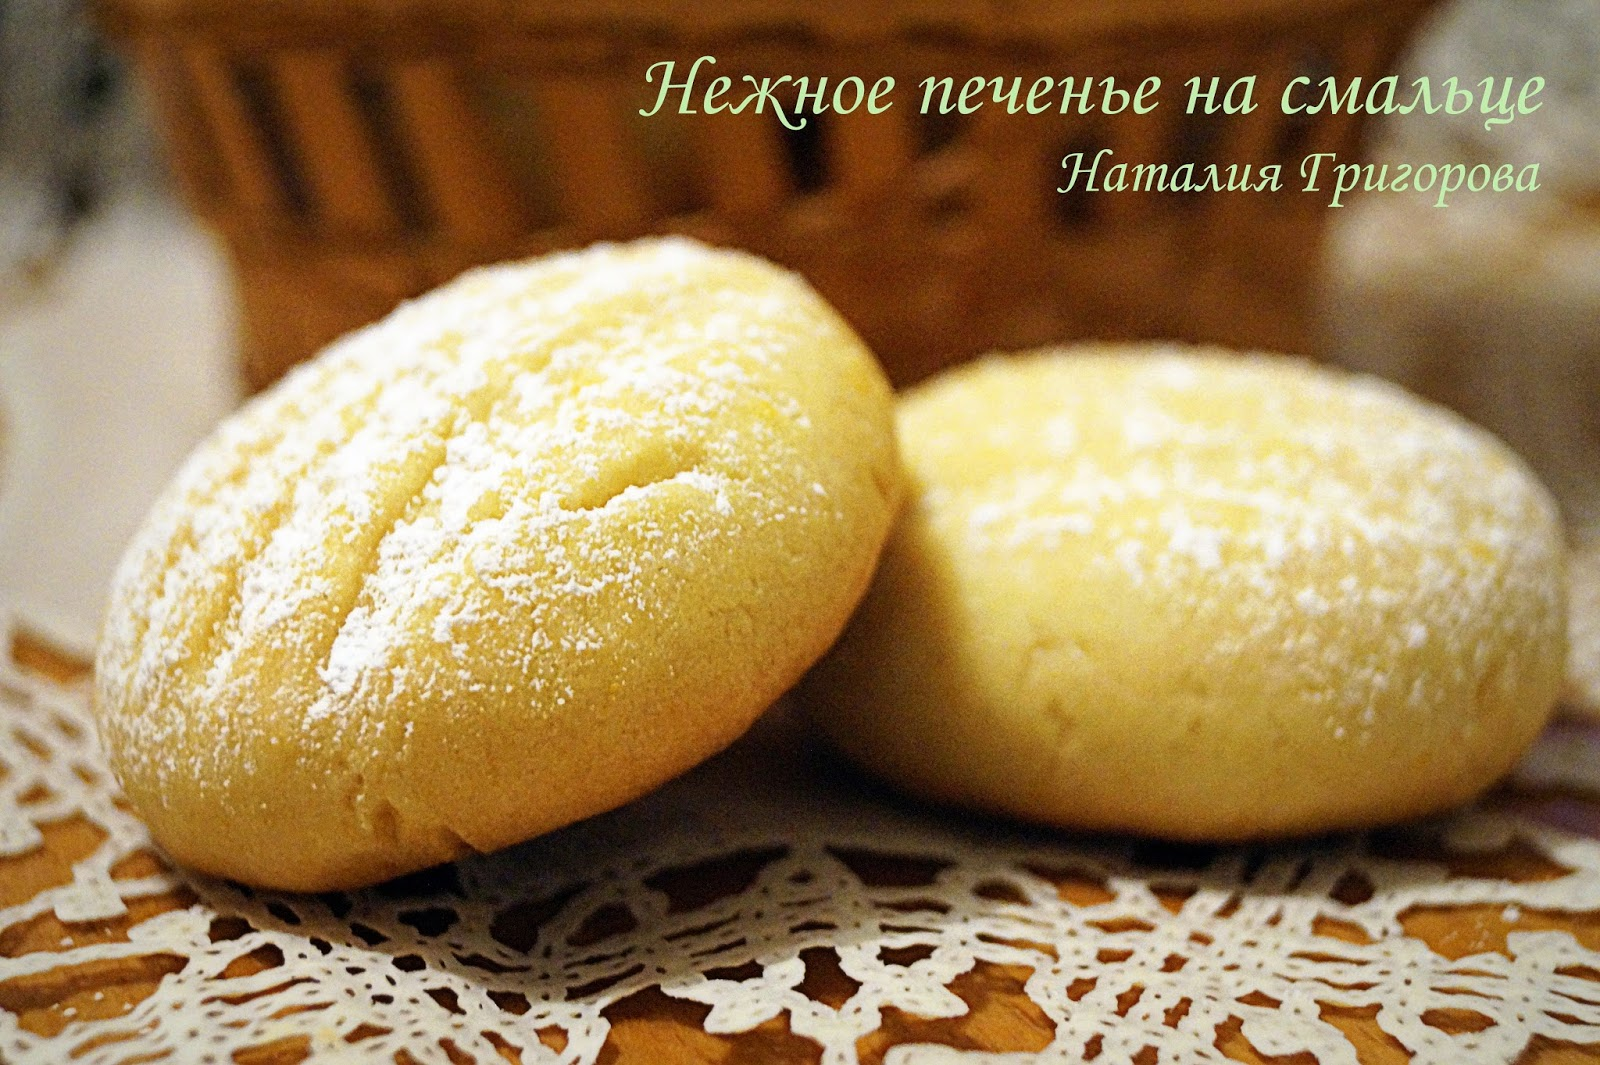 рецепты десертов поваренок ру #4